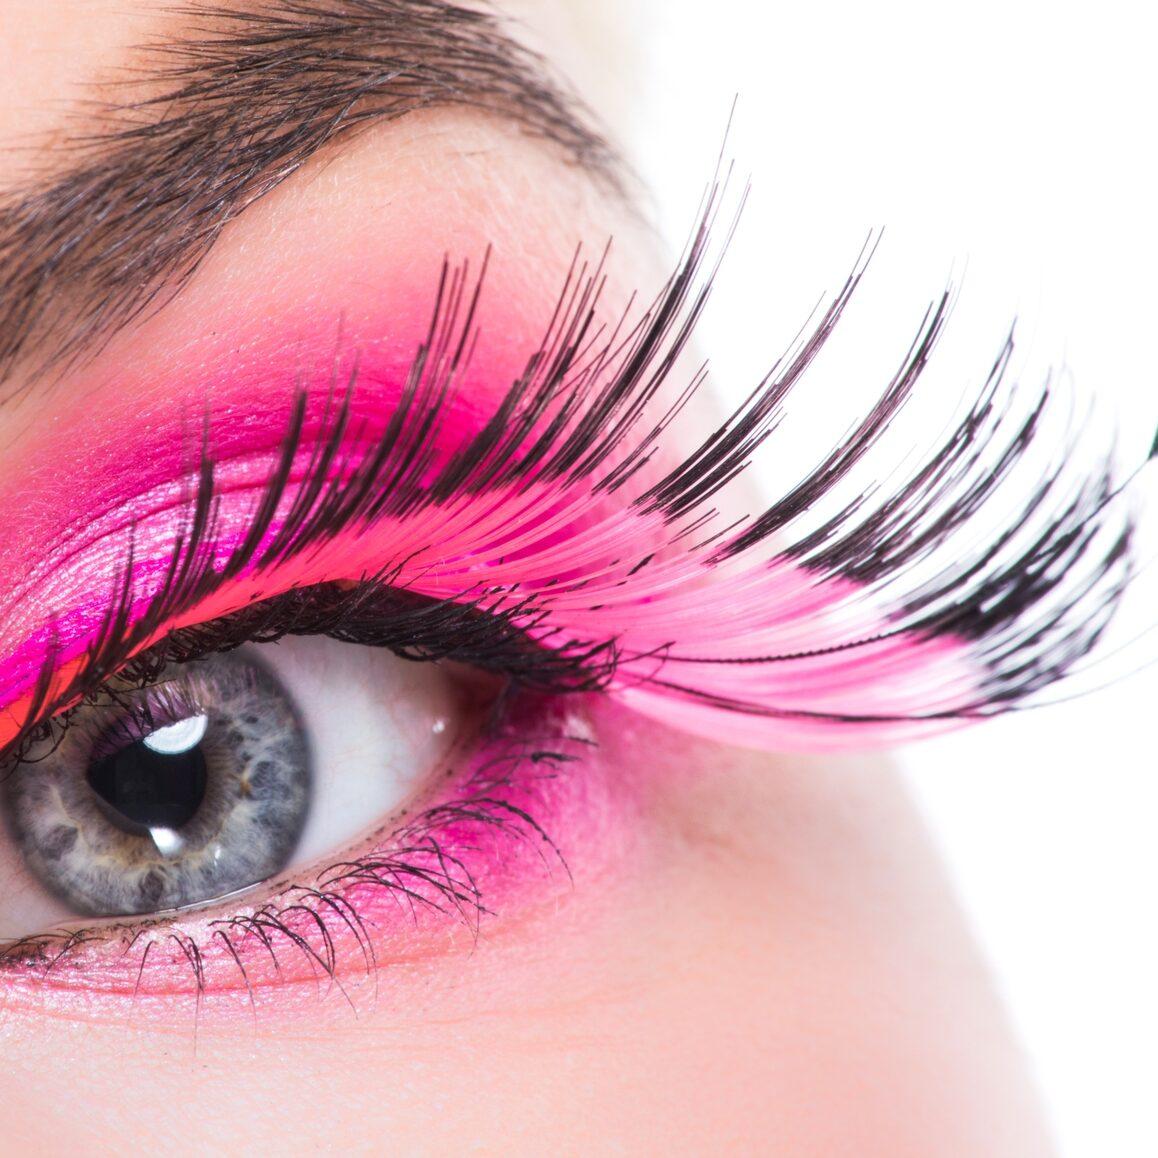 074291773-eye-feather-false-eyelashes